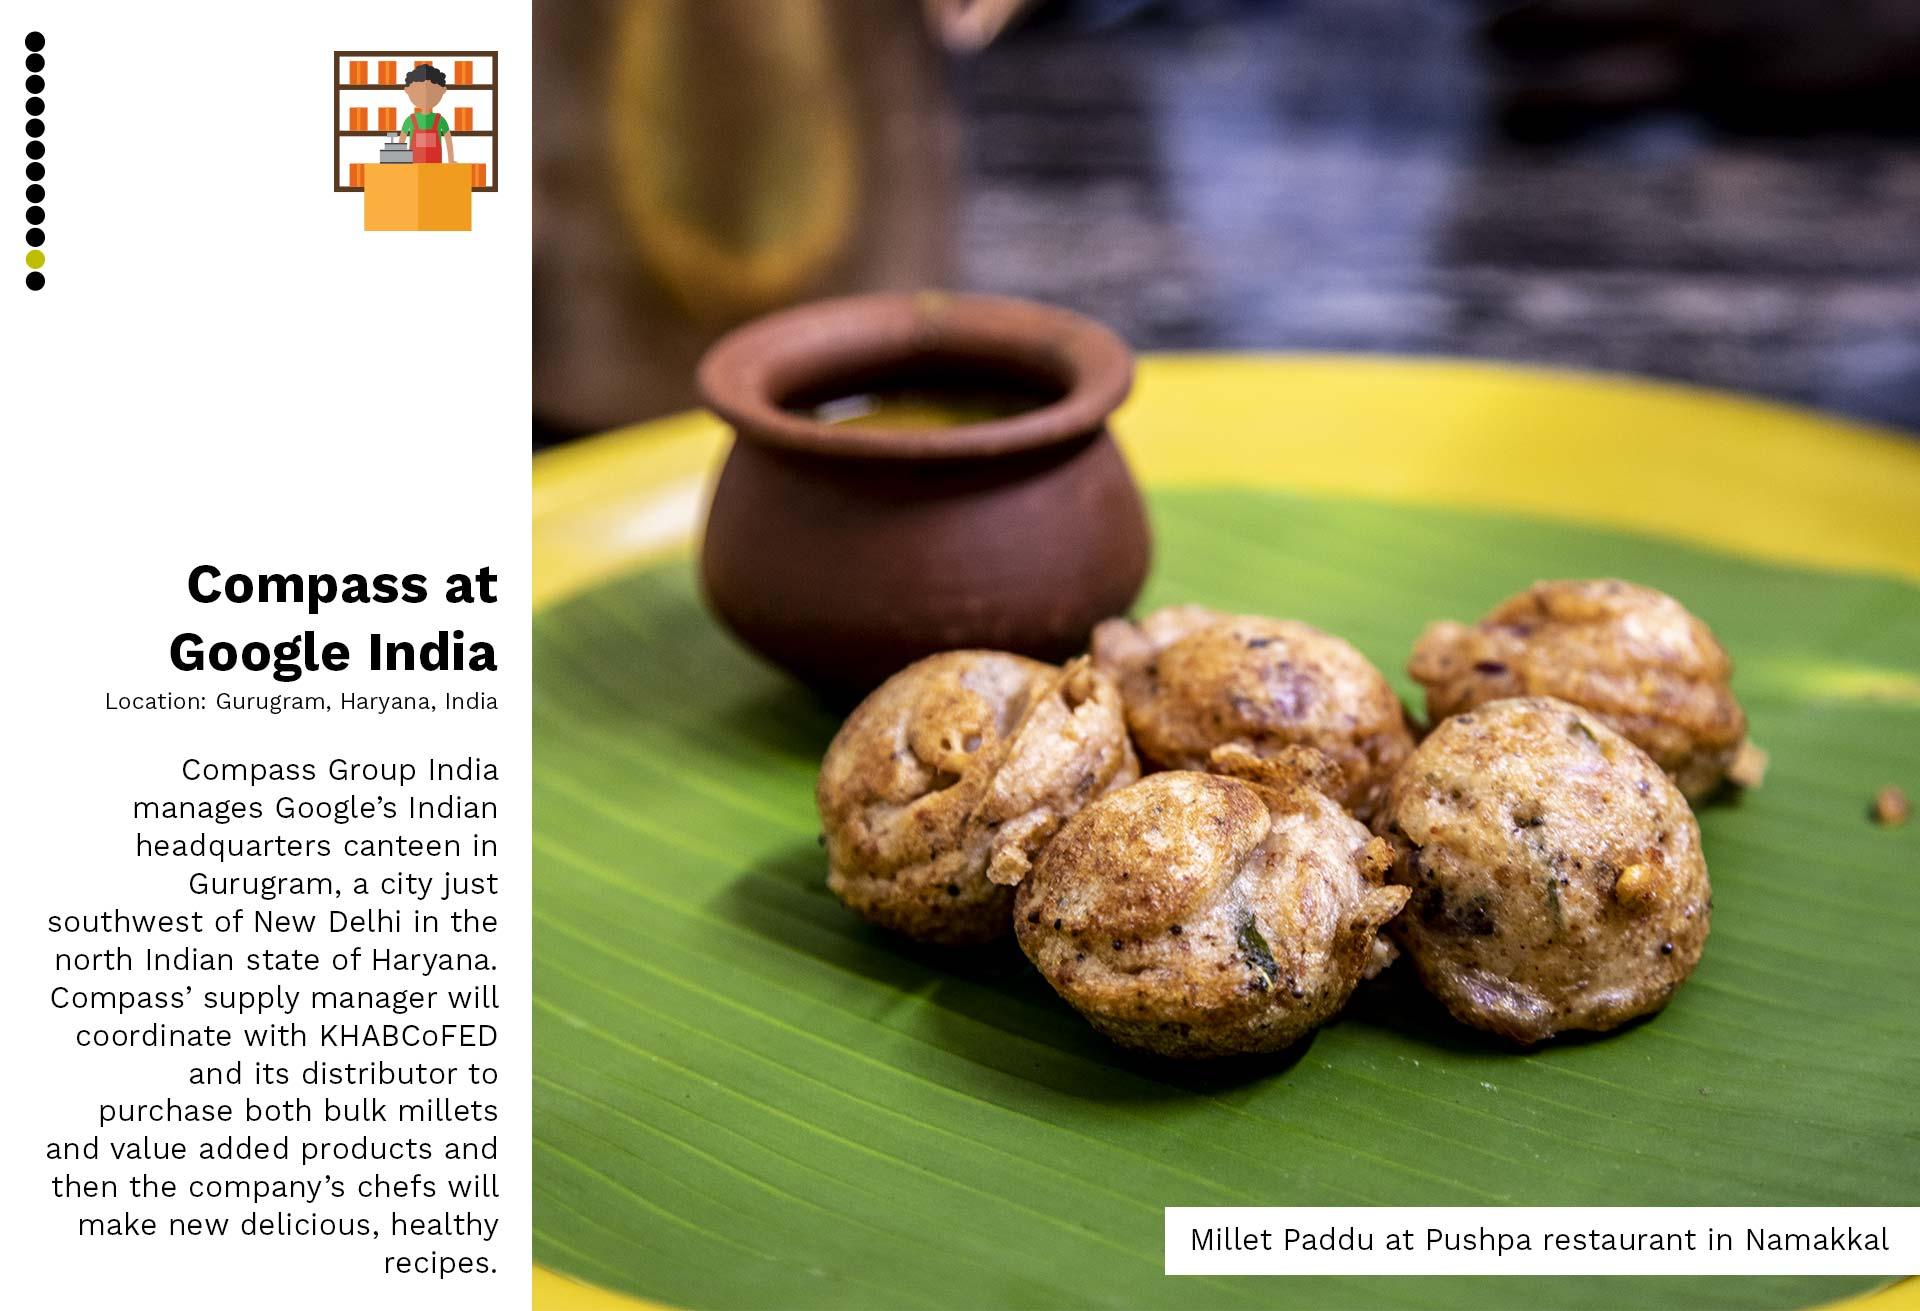 11-Compass at Google India